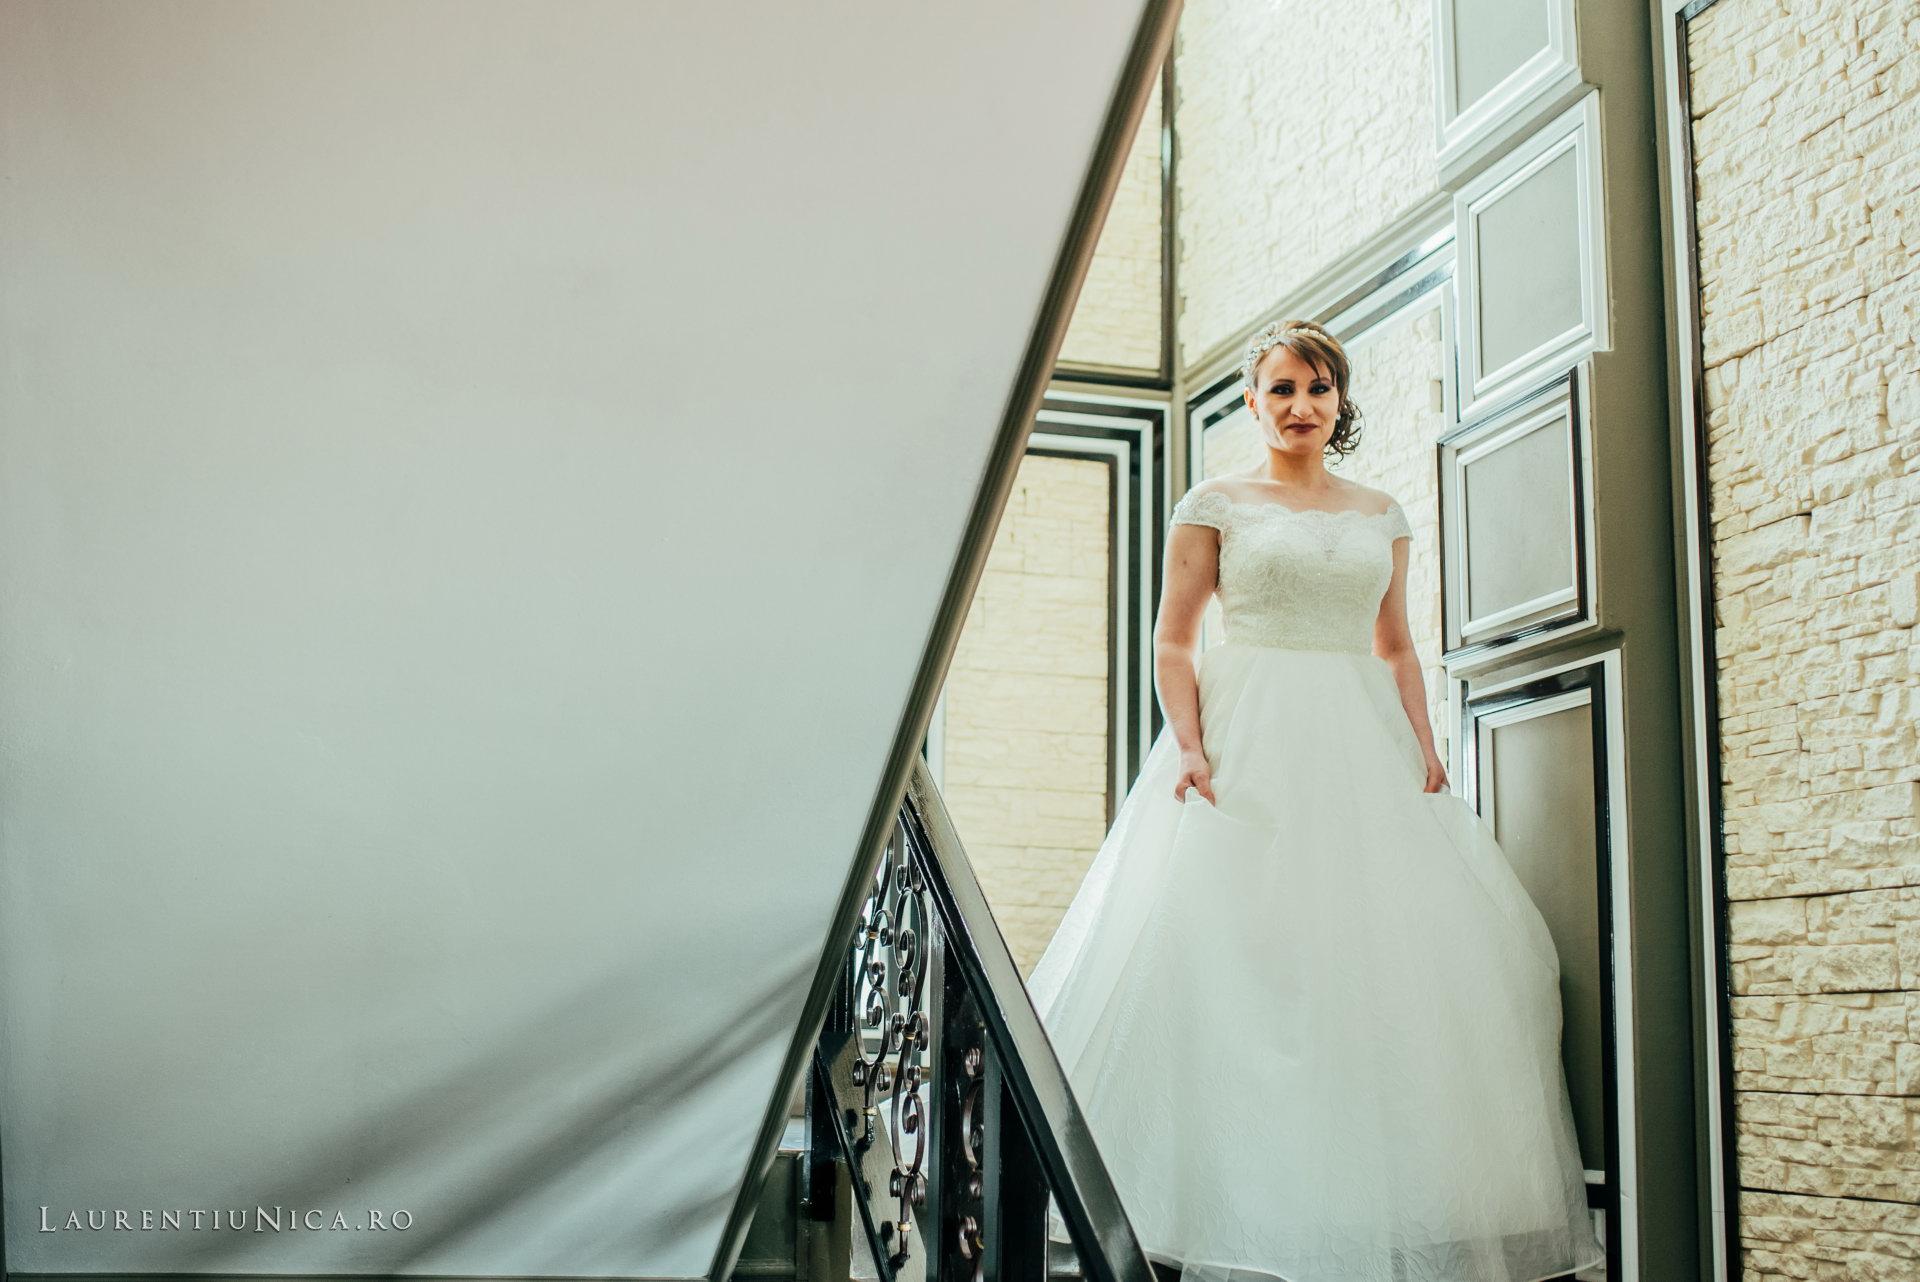 daniela si marius fotografii nunta craiova laurentiu nica10 - Daniela & Marius | Fotografii nunta